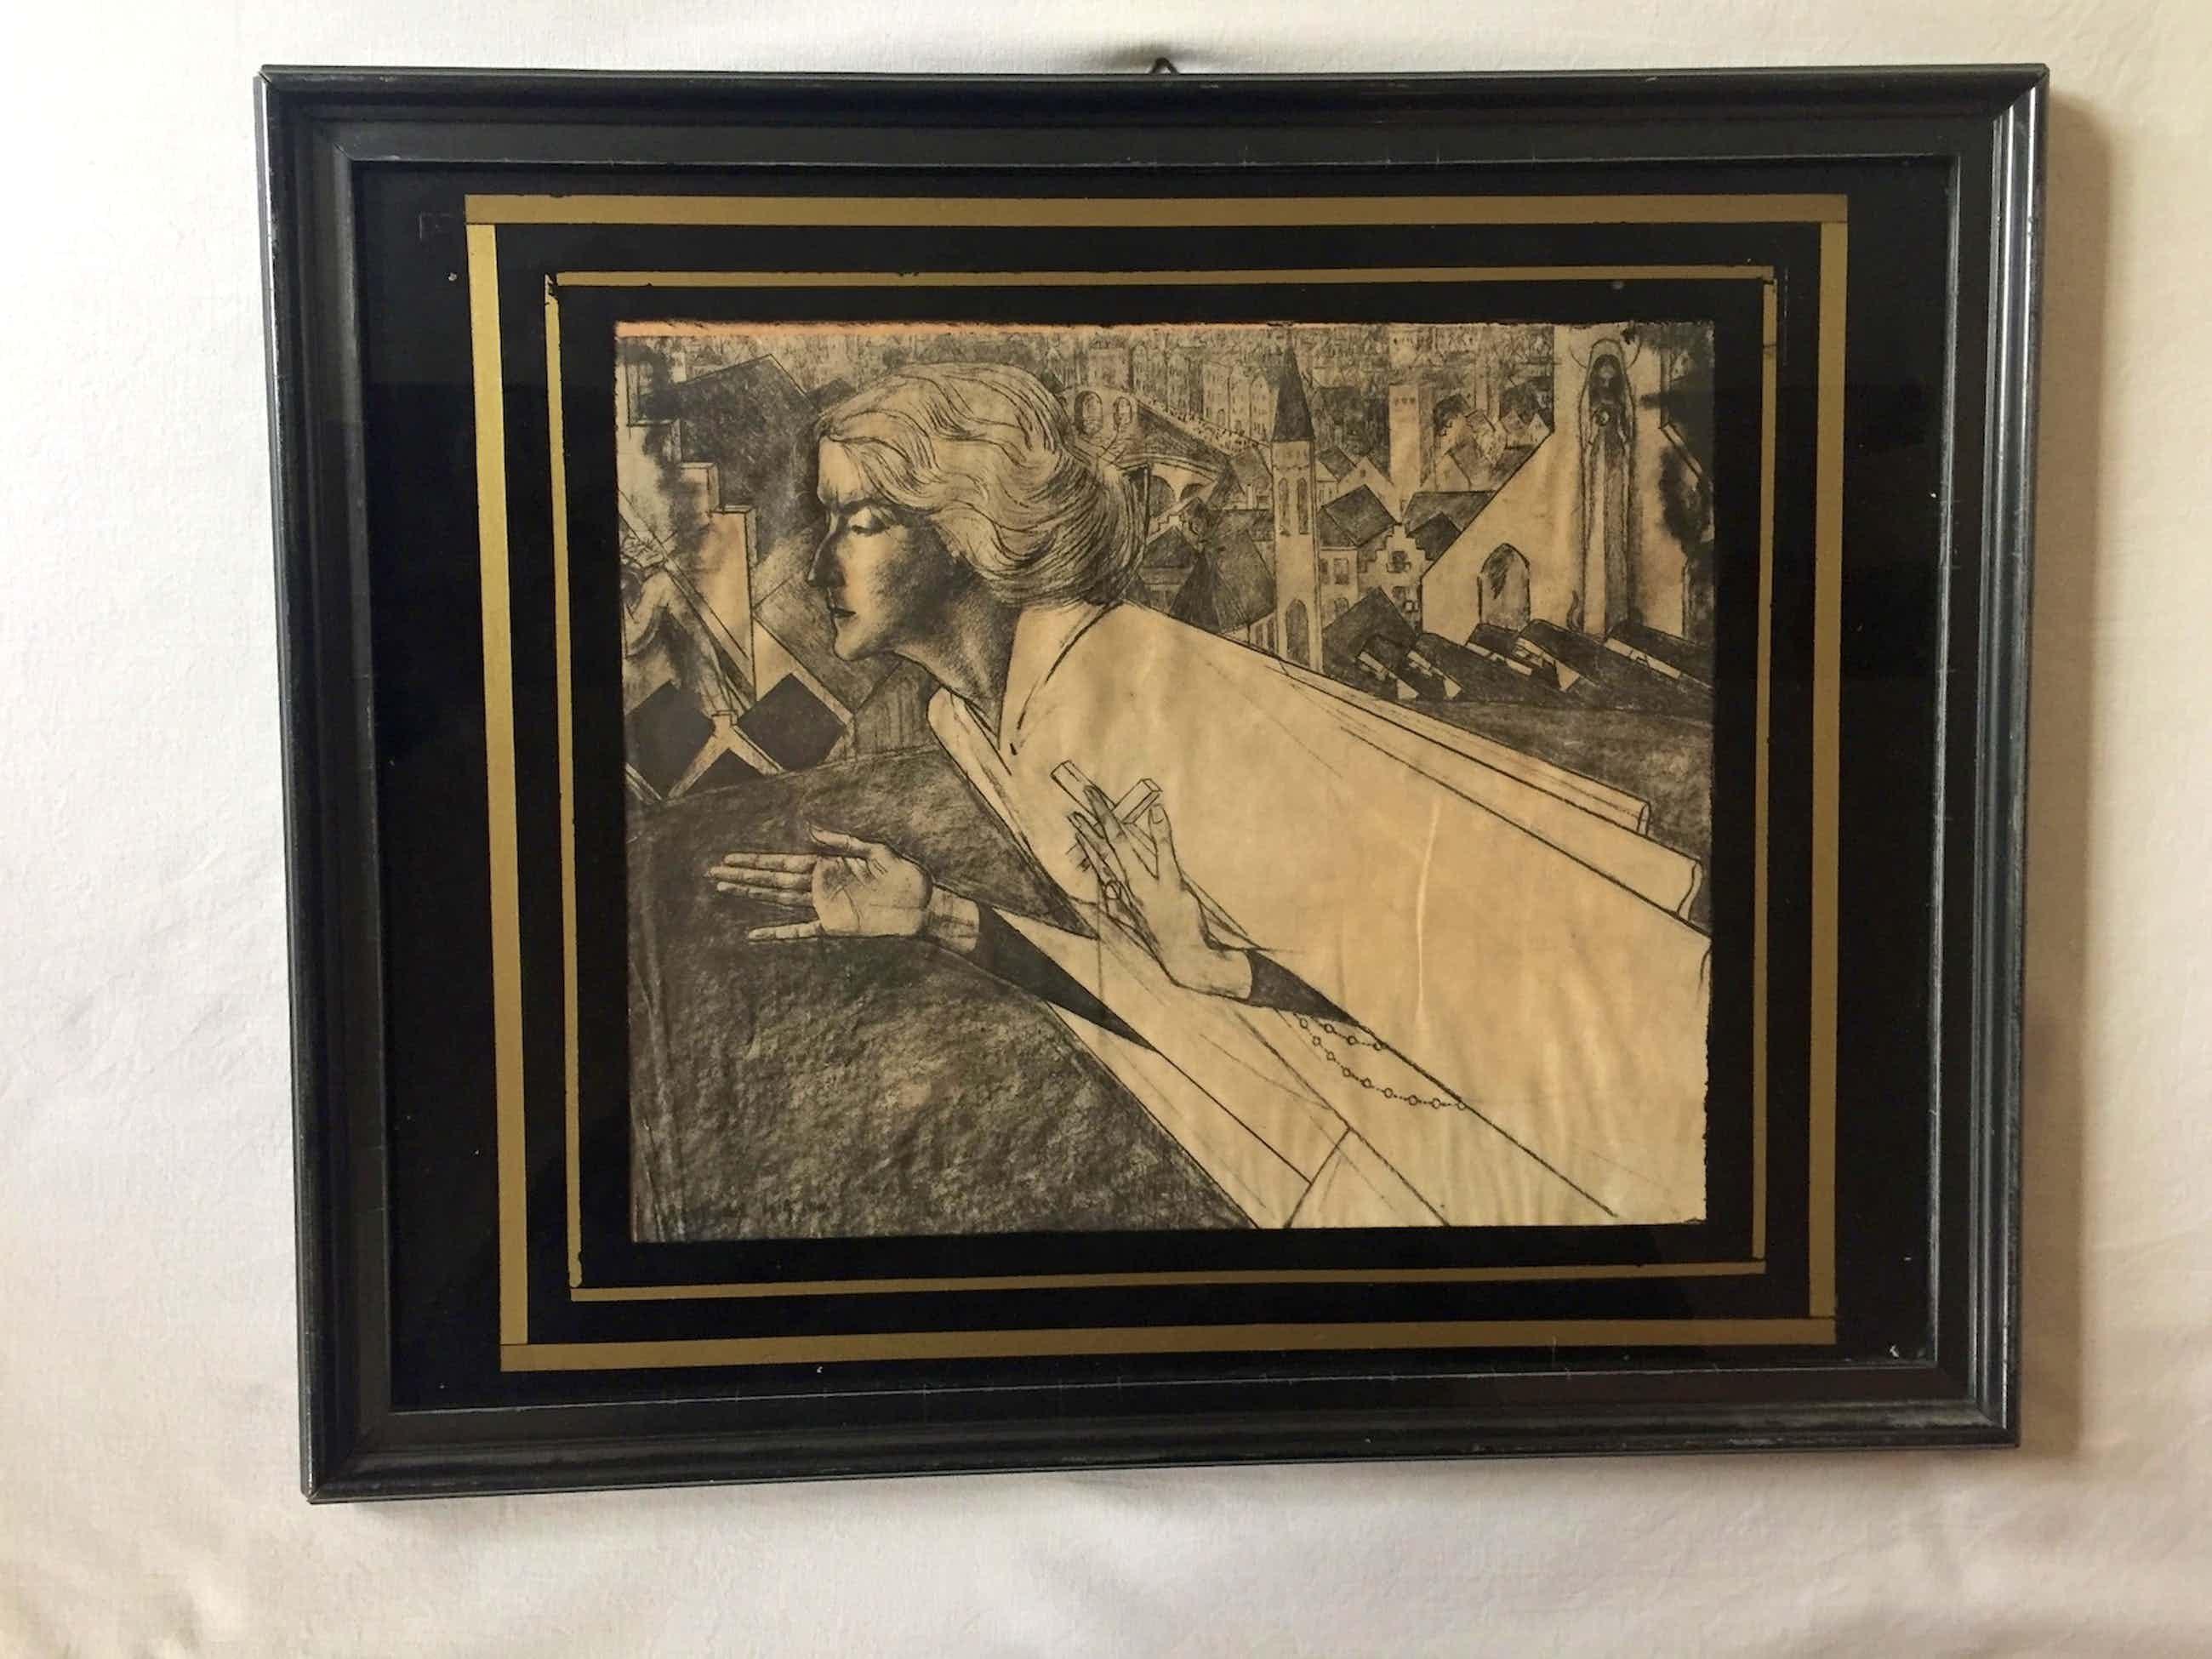 Jan Toorop - Vrouw met kruis - Lithografie, Ingelijst kopen? Bied vanaf 85!